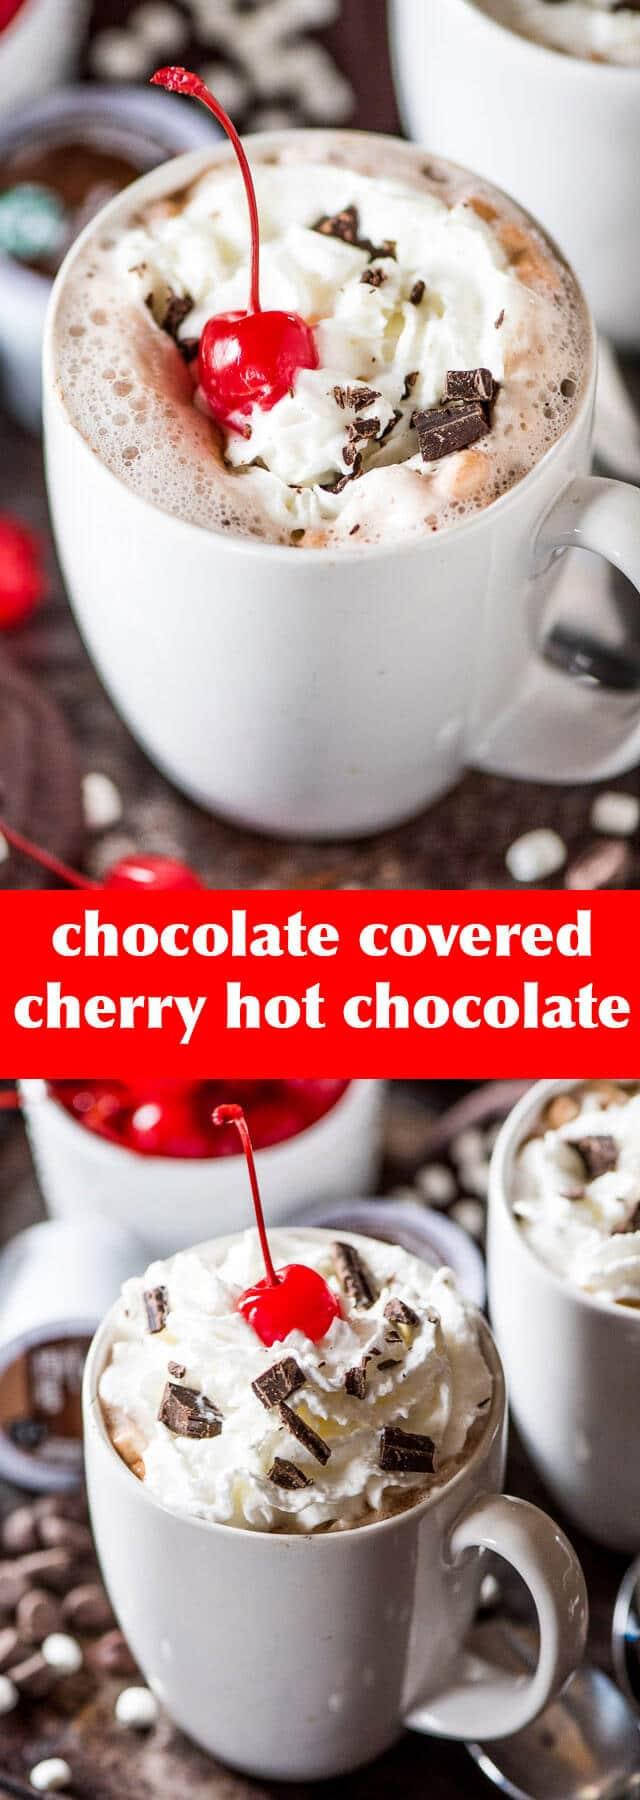 chocolate-covered-cherry-hot-chocolate-recipe